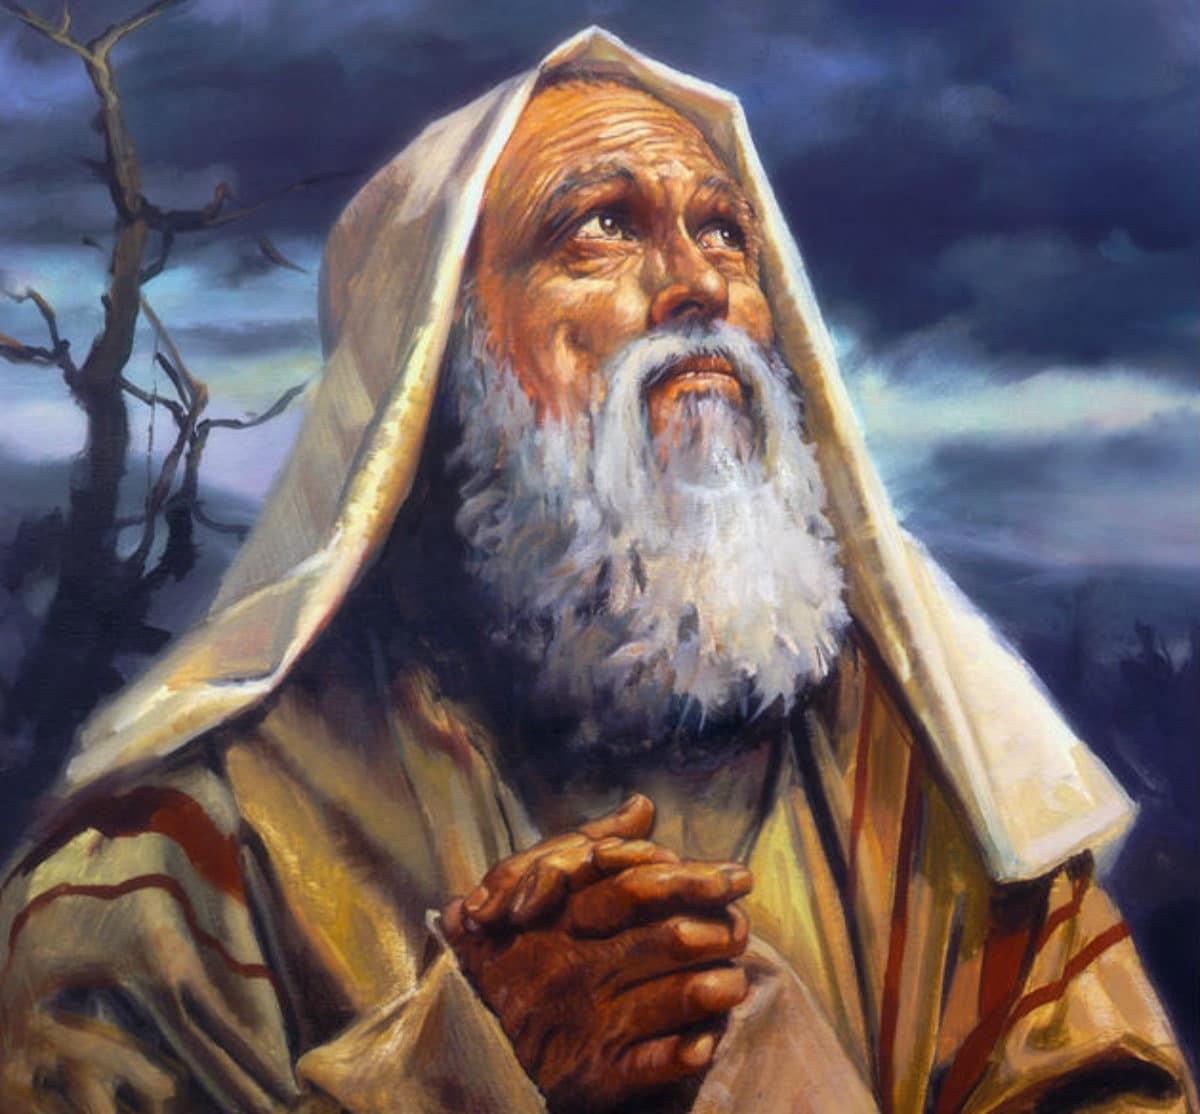 Cuántos profetas hay en la biblia